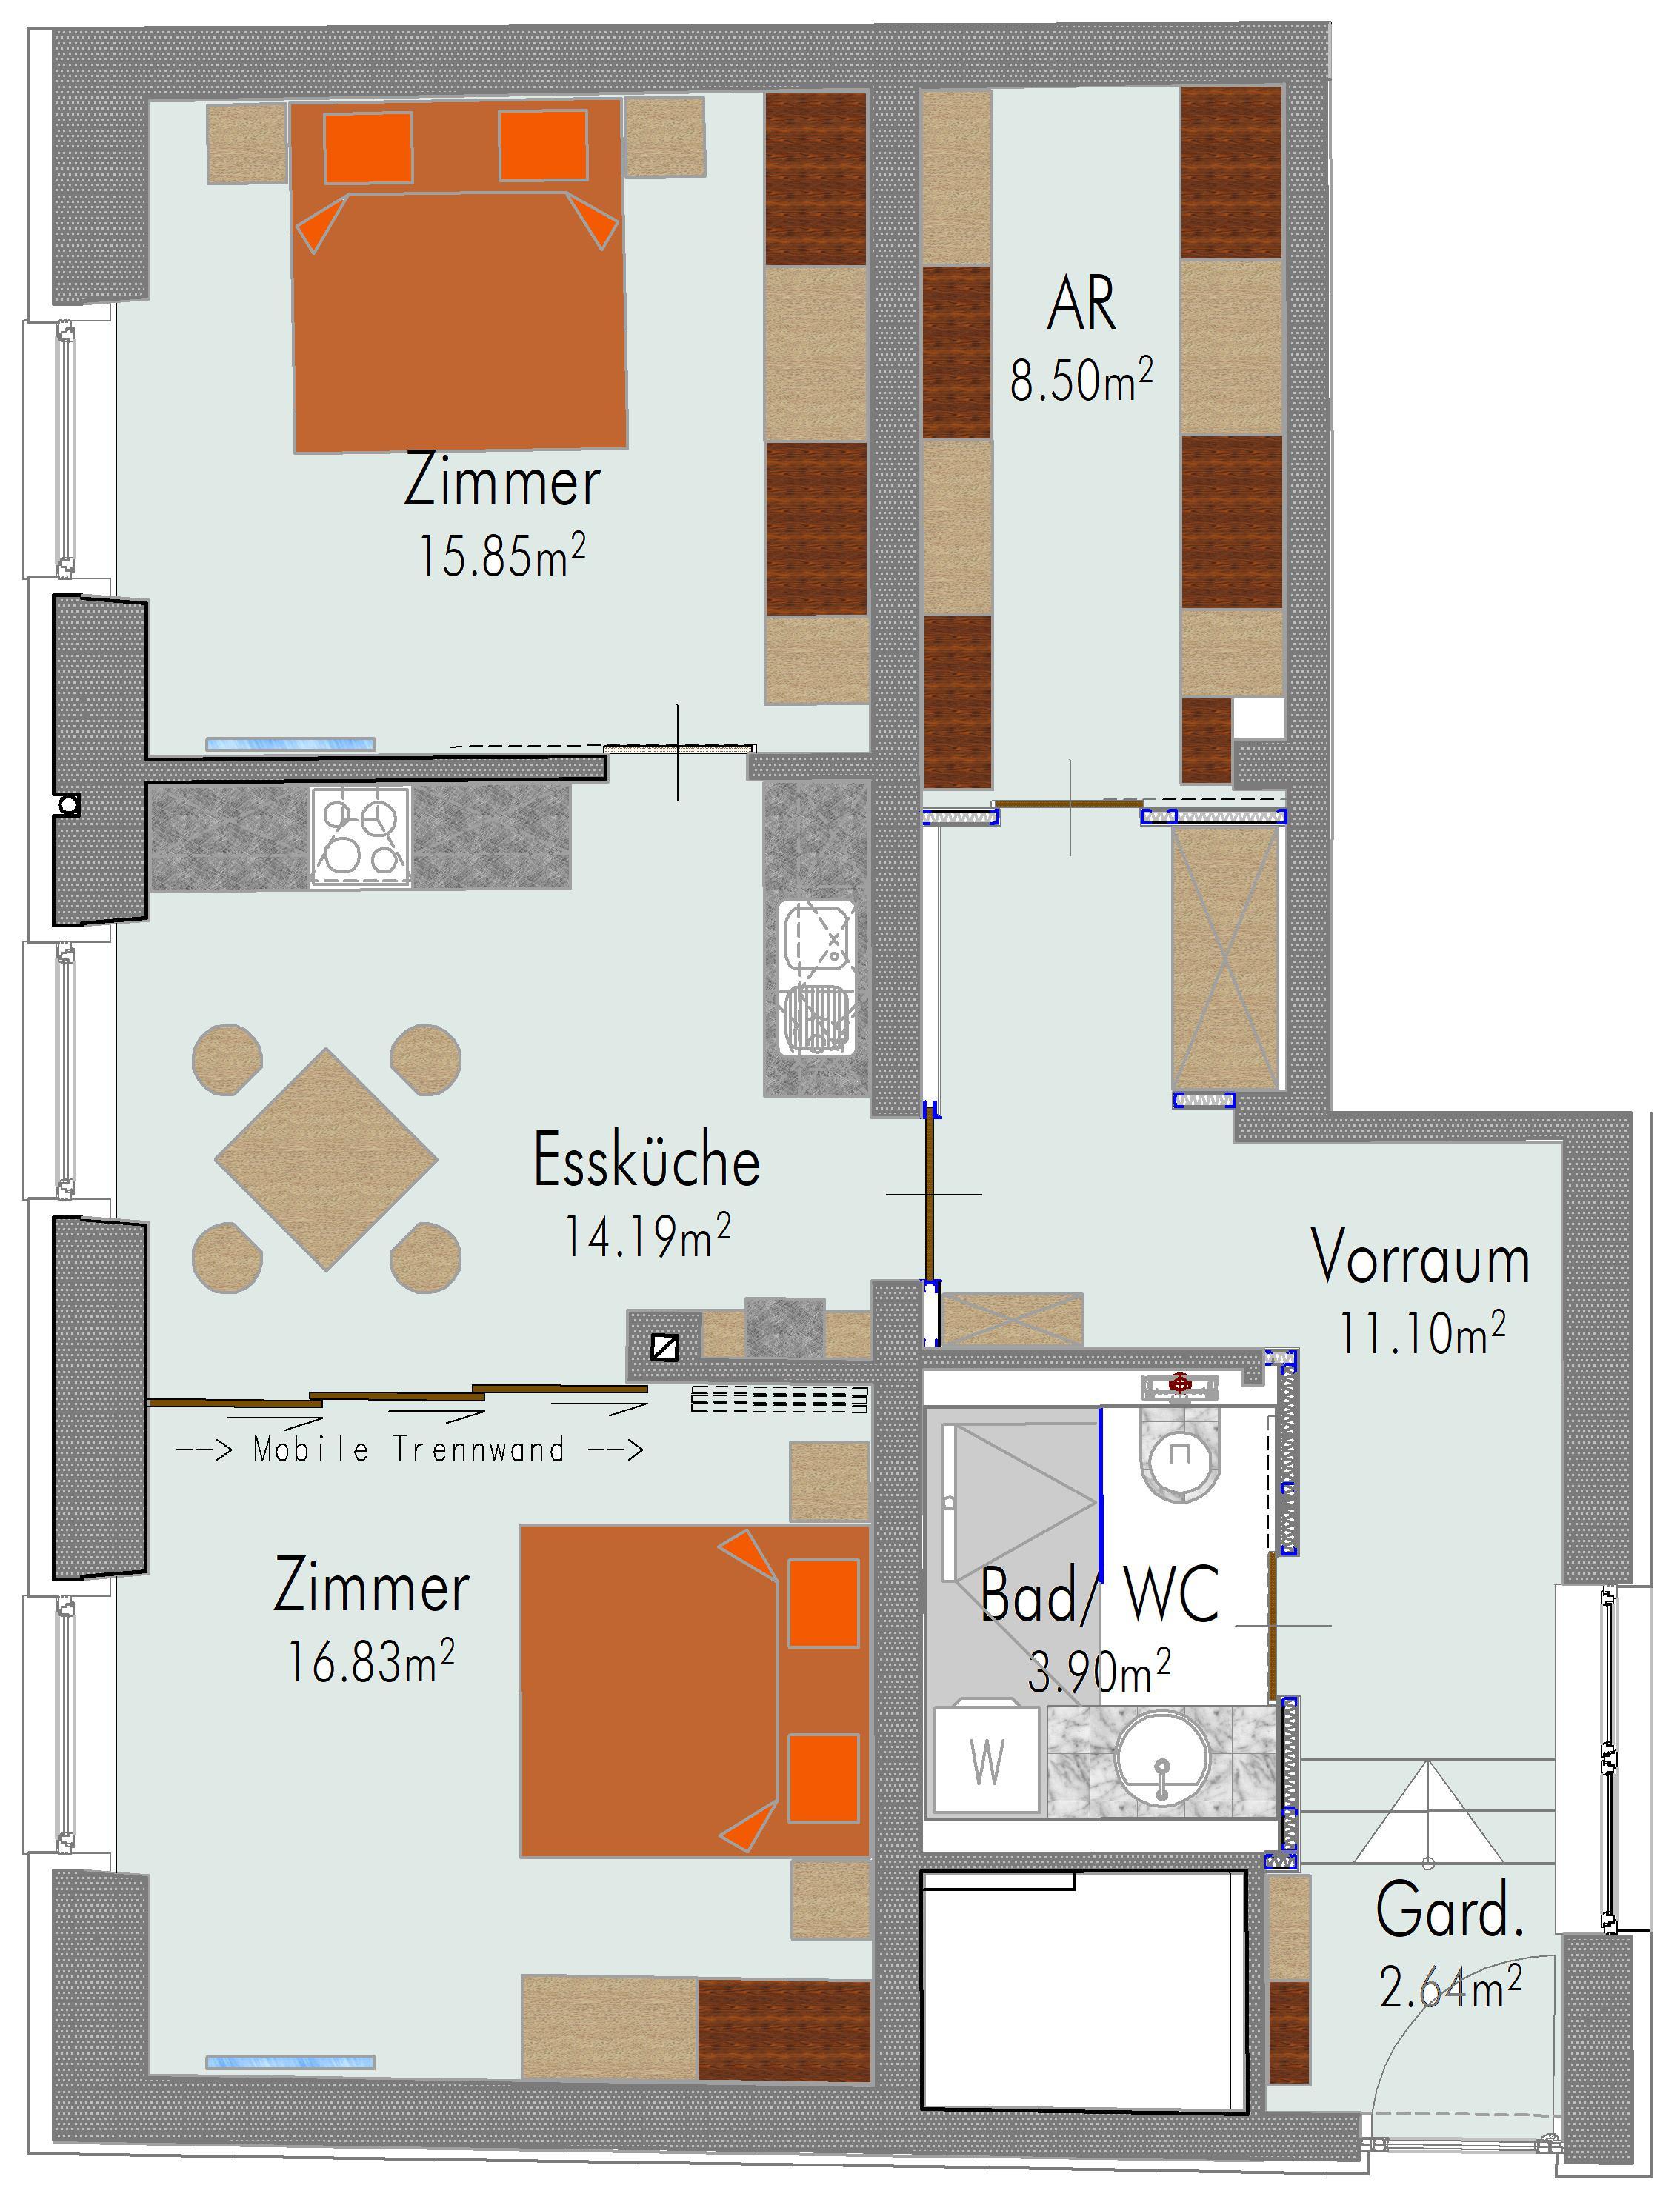 2 Zimmer Wohnung In Eisenstadterstrasse Wohnung Generalsaniert